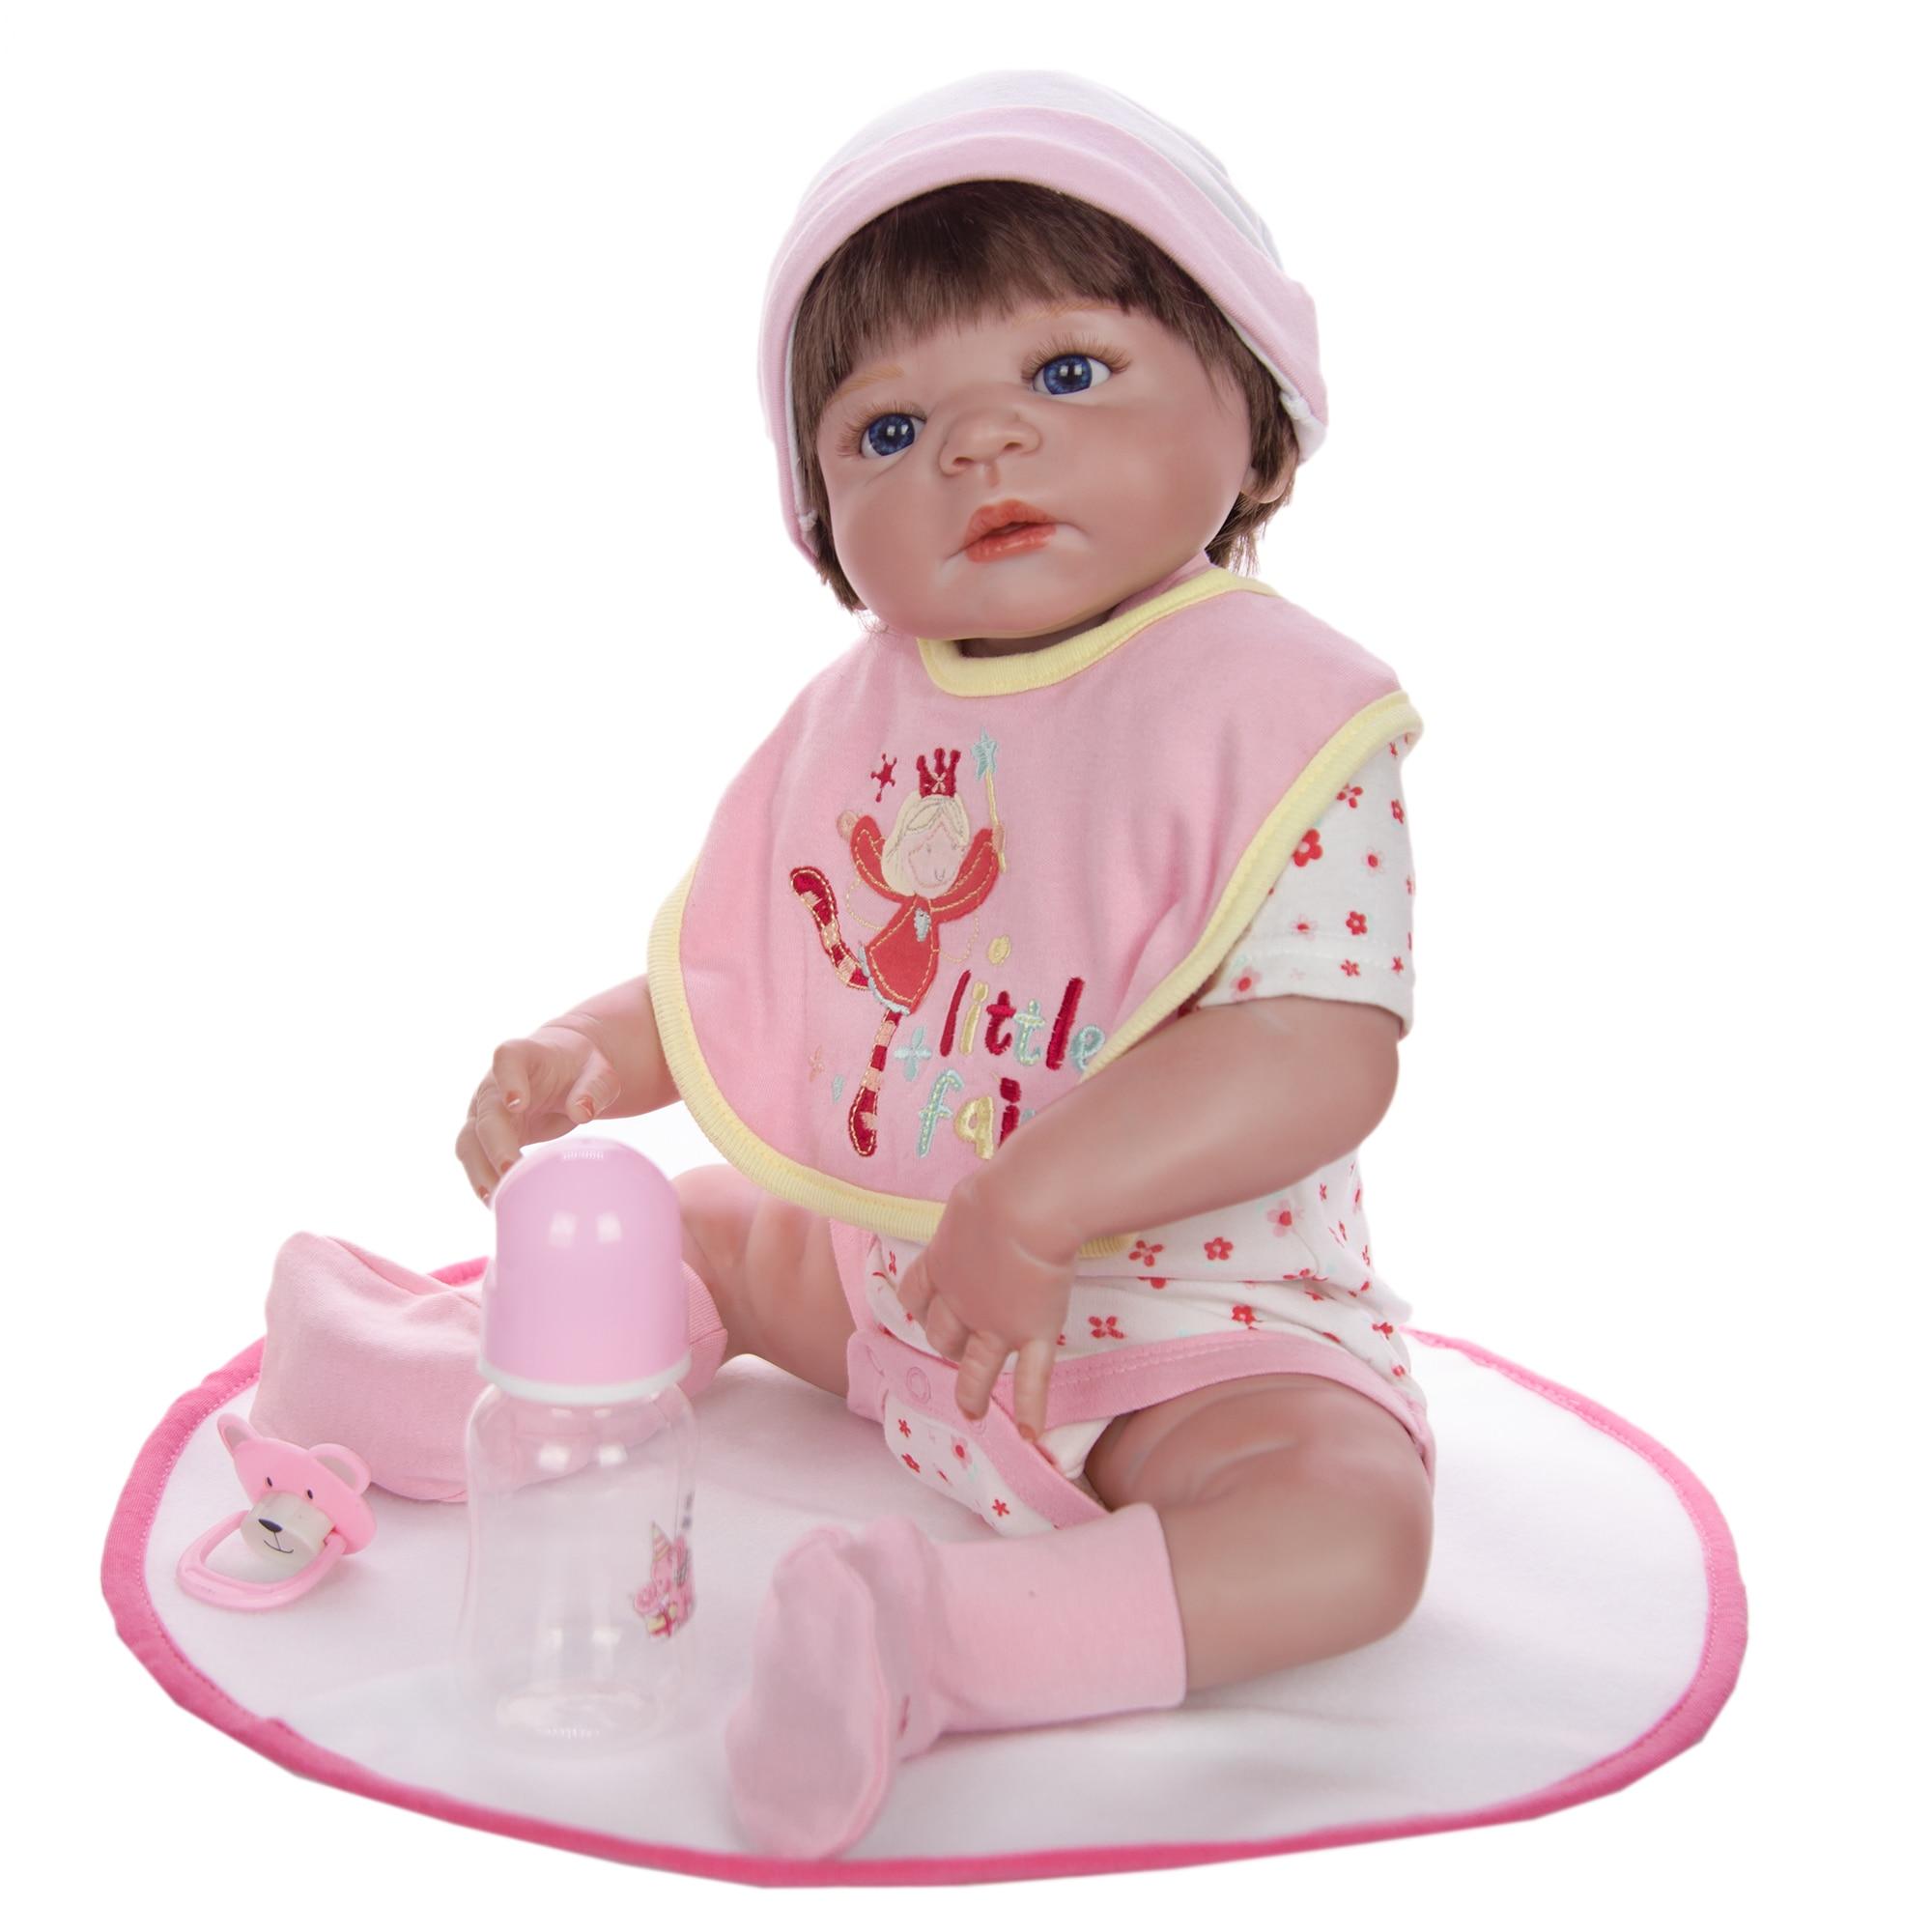 전신 실리콘 비닐 reborn 아기 소녀 인형 58 cm/23 inch 현실적인 살아있는 아기 장난감 크리스마스 선물-에서인형부터 완구 & 취미 의  그룹 2